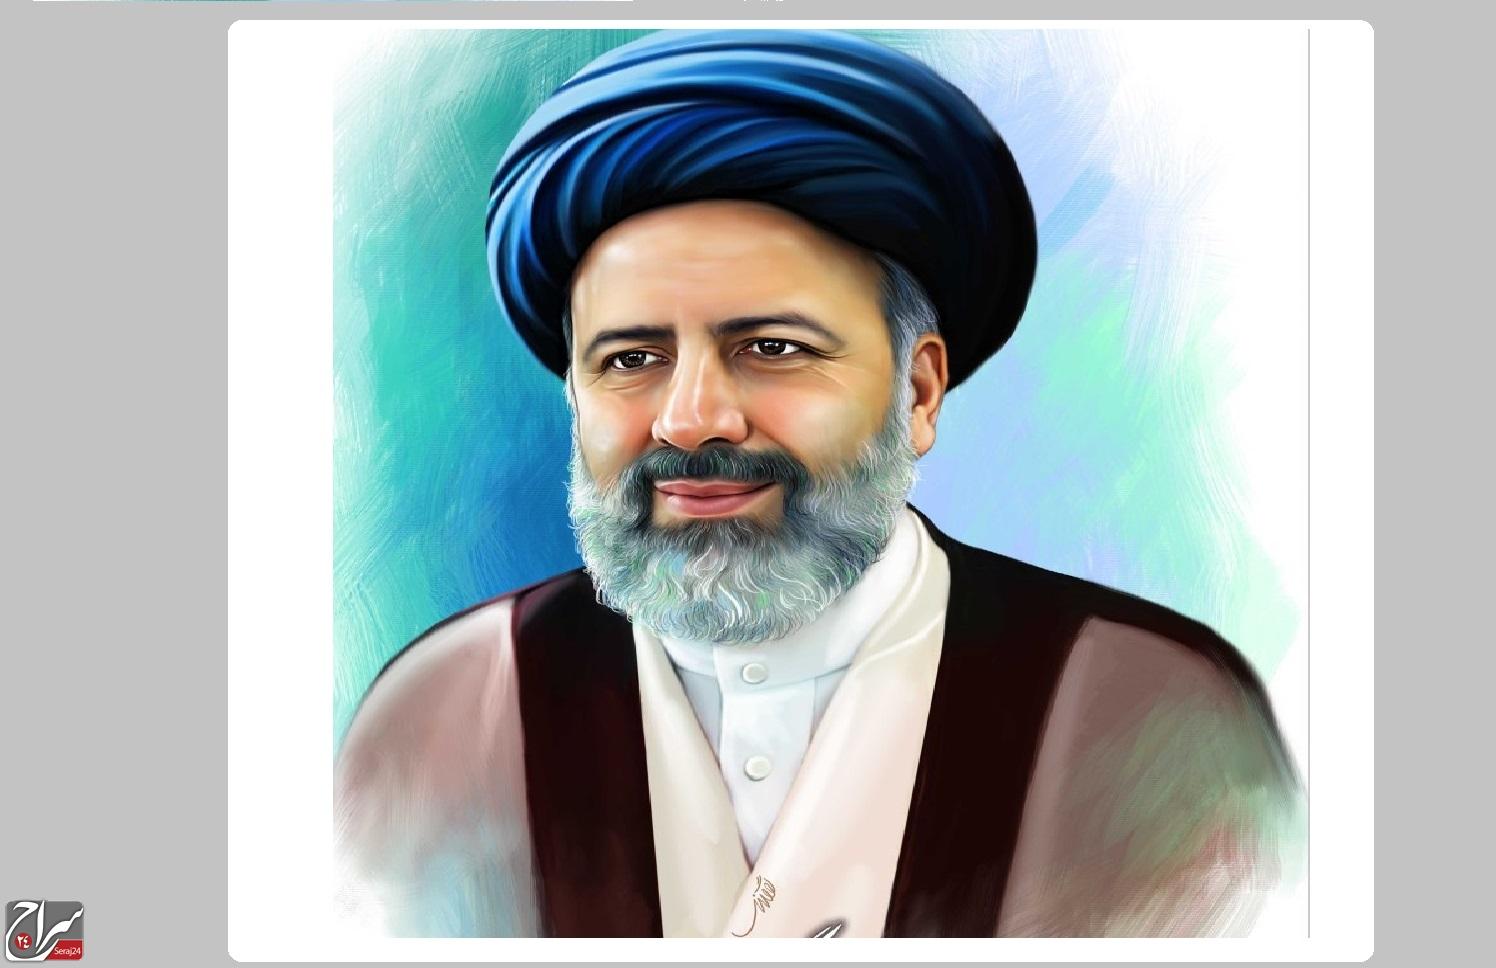 نقاشی چهره حجت الاسلام سید ابراهیم رئیسی به مناسبت هفته قوه قضائیه